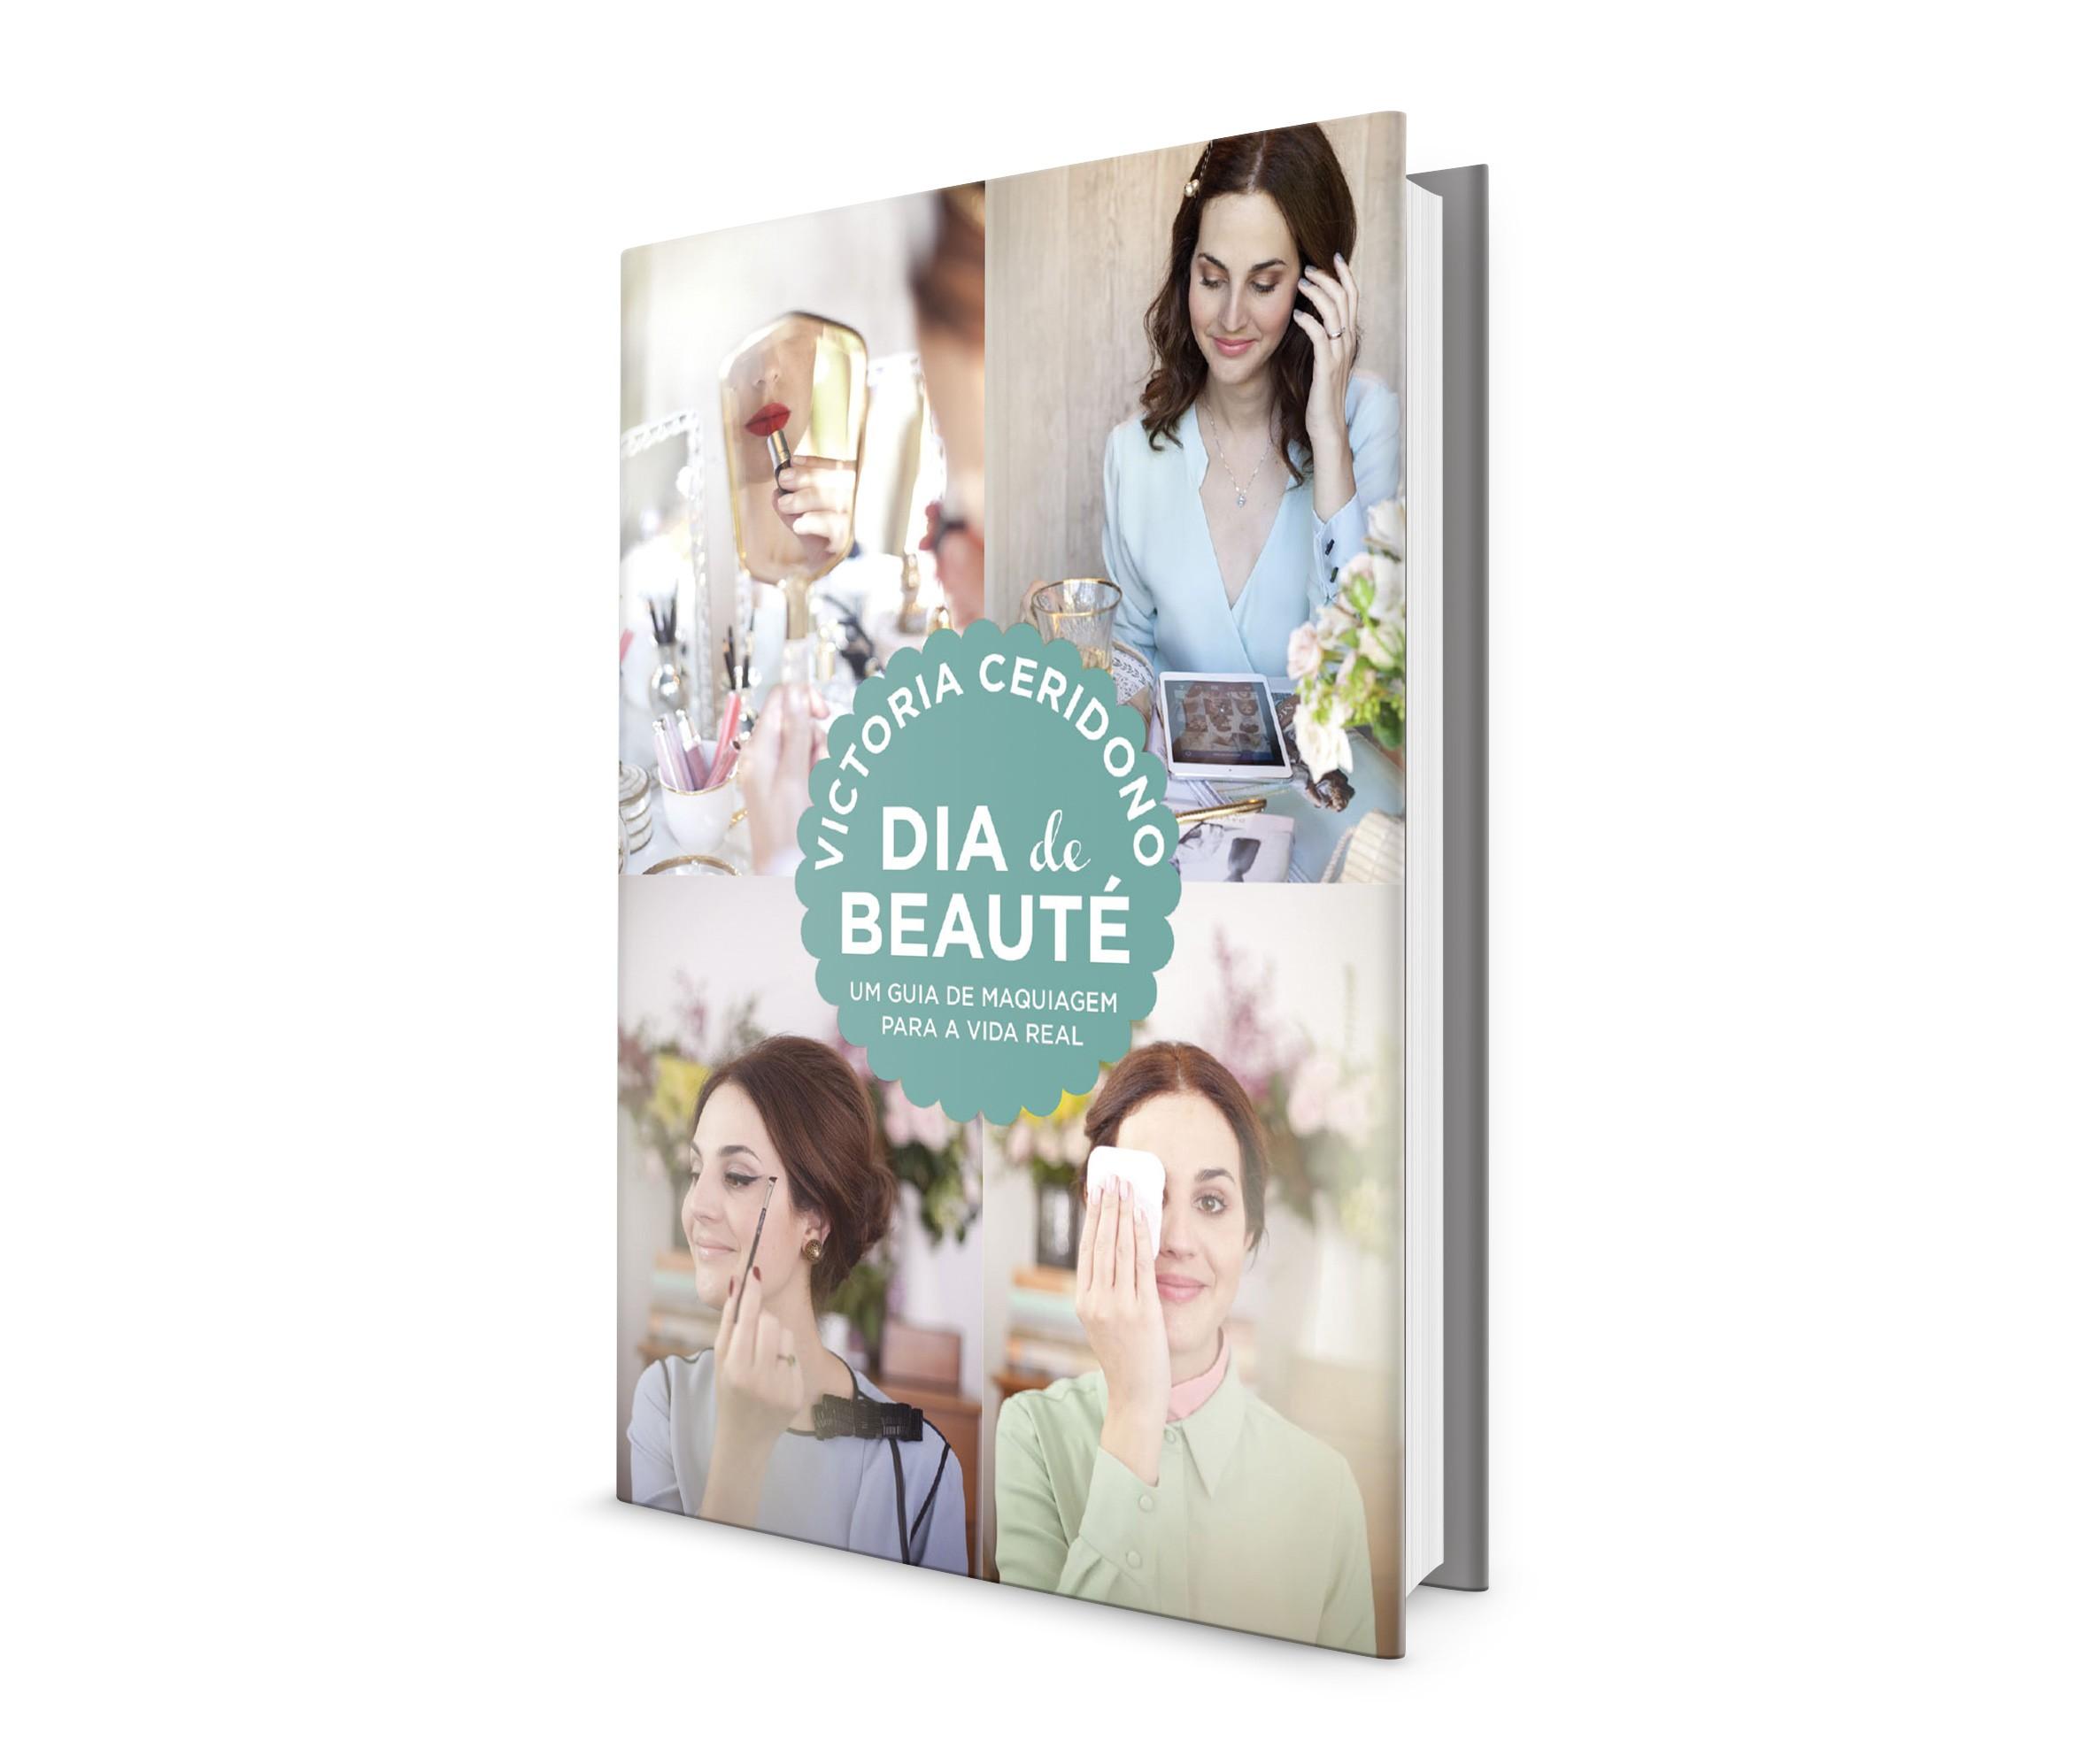 Dia de Beauté: o guia de maquiagem em livro de Victoria